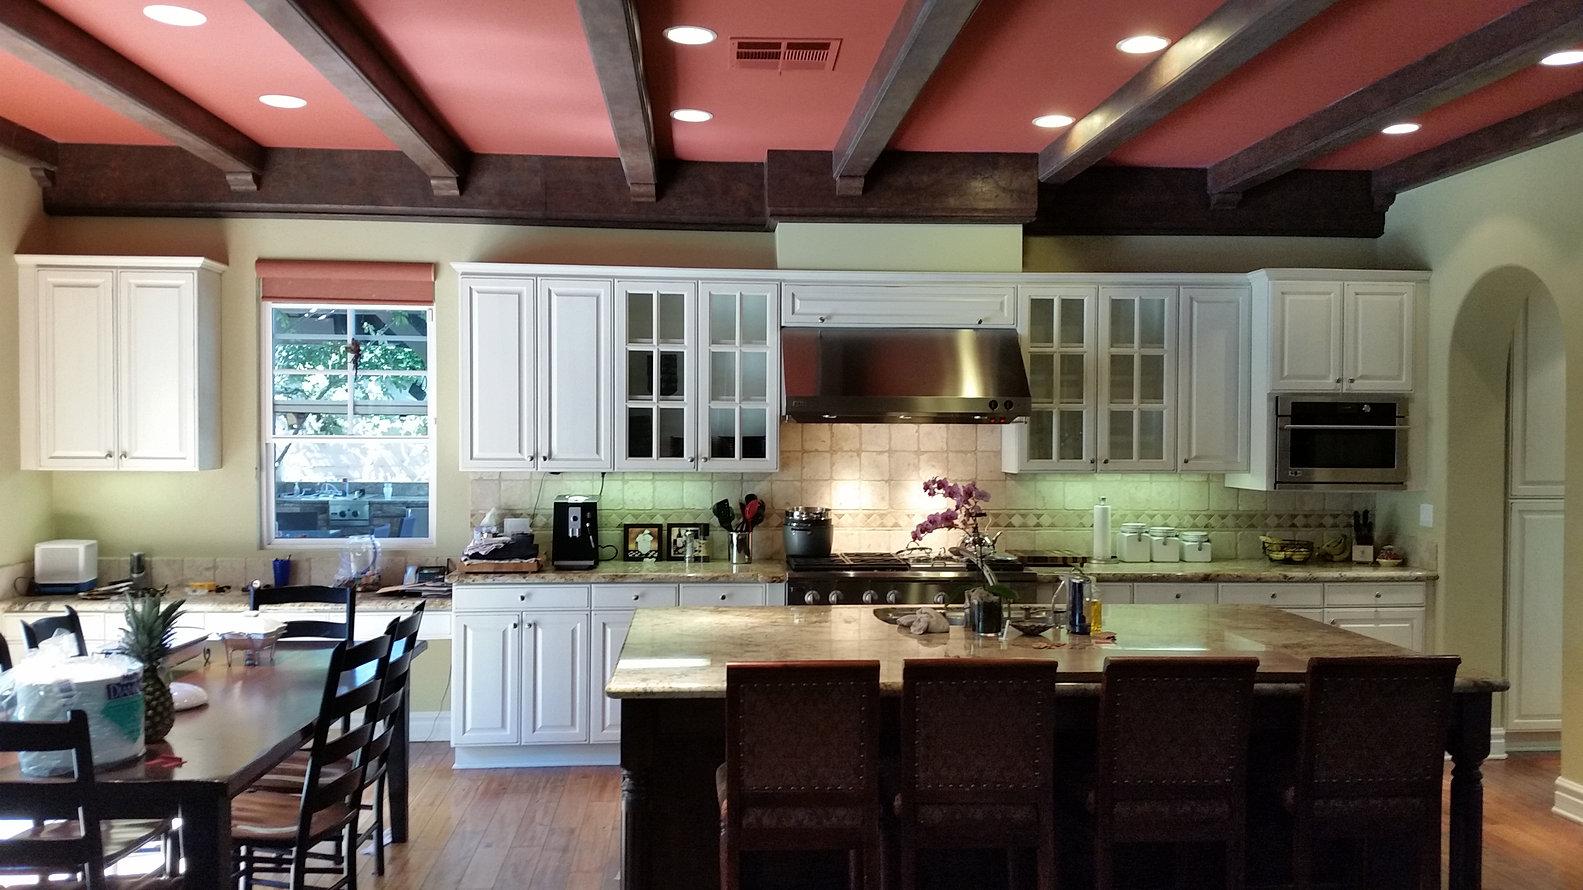 cabinets67jpg - Kitchen Cabinet Refacing San Diego